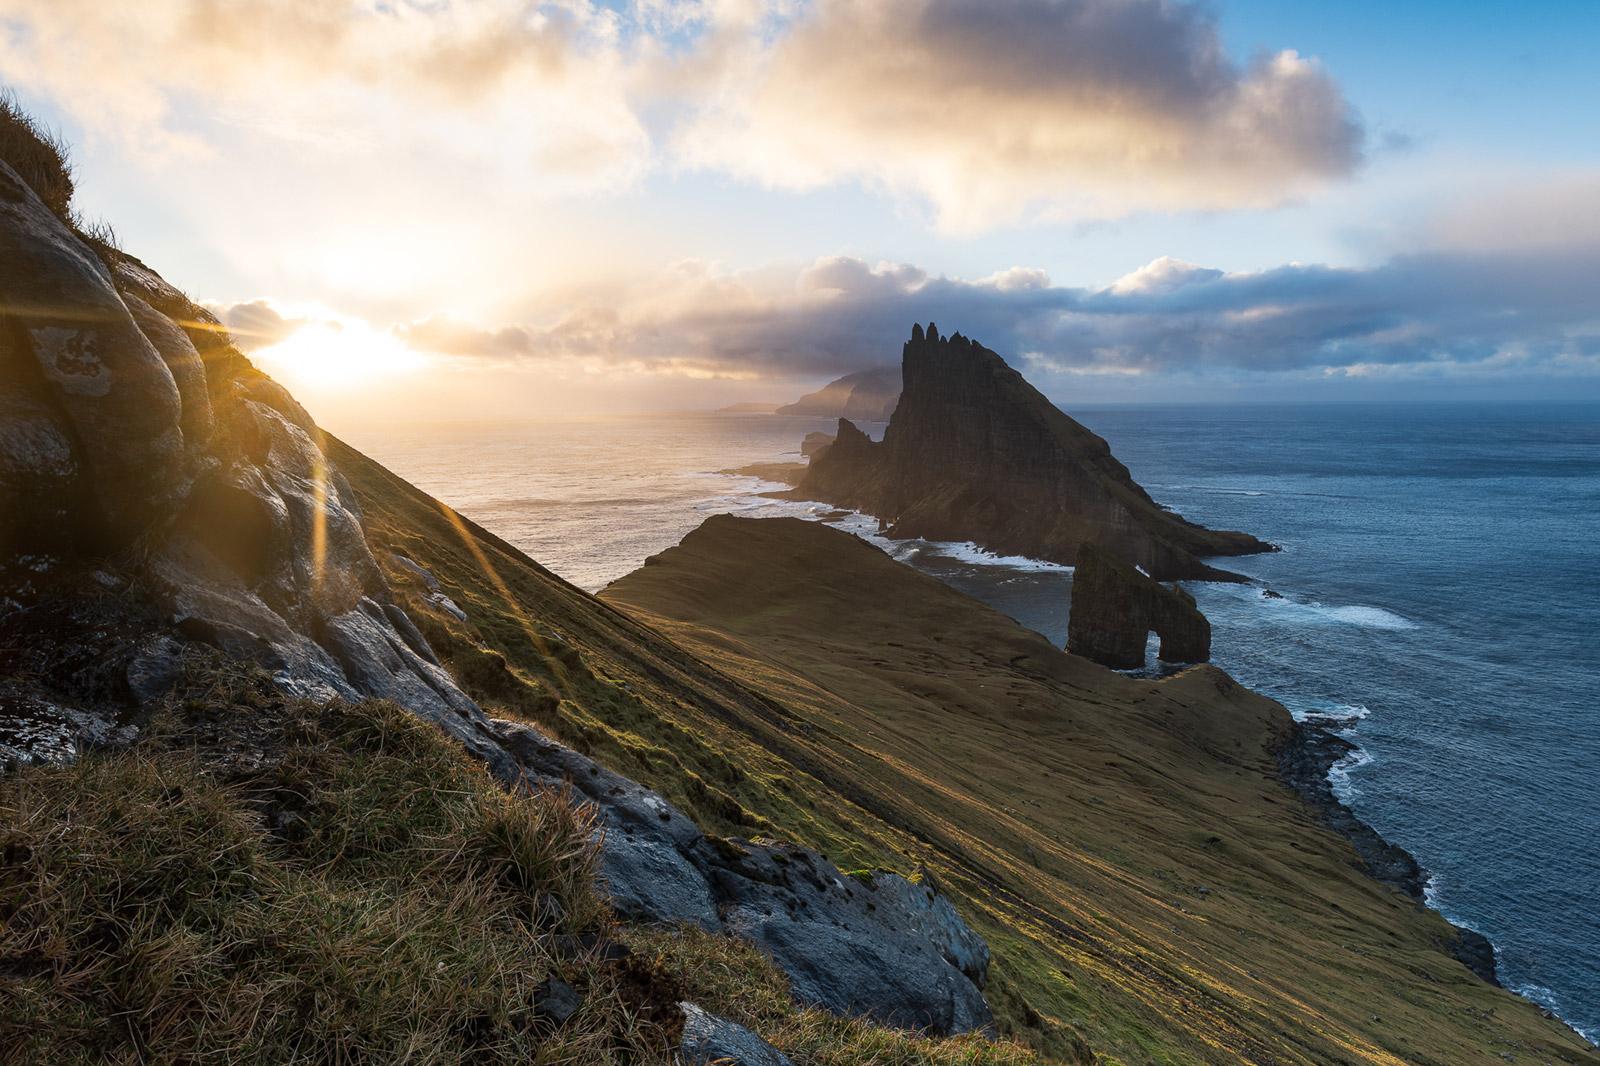 Färöer Inseln Draganir - Stefan Schäfer Landschaftsfotograf